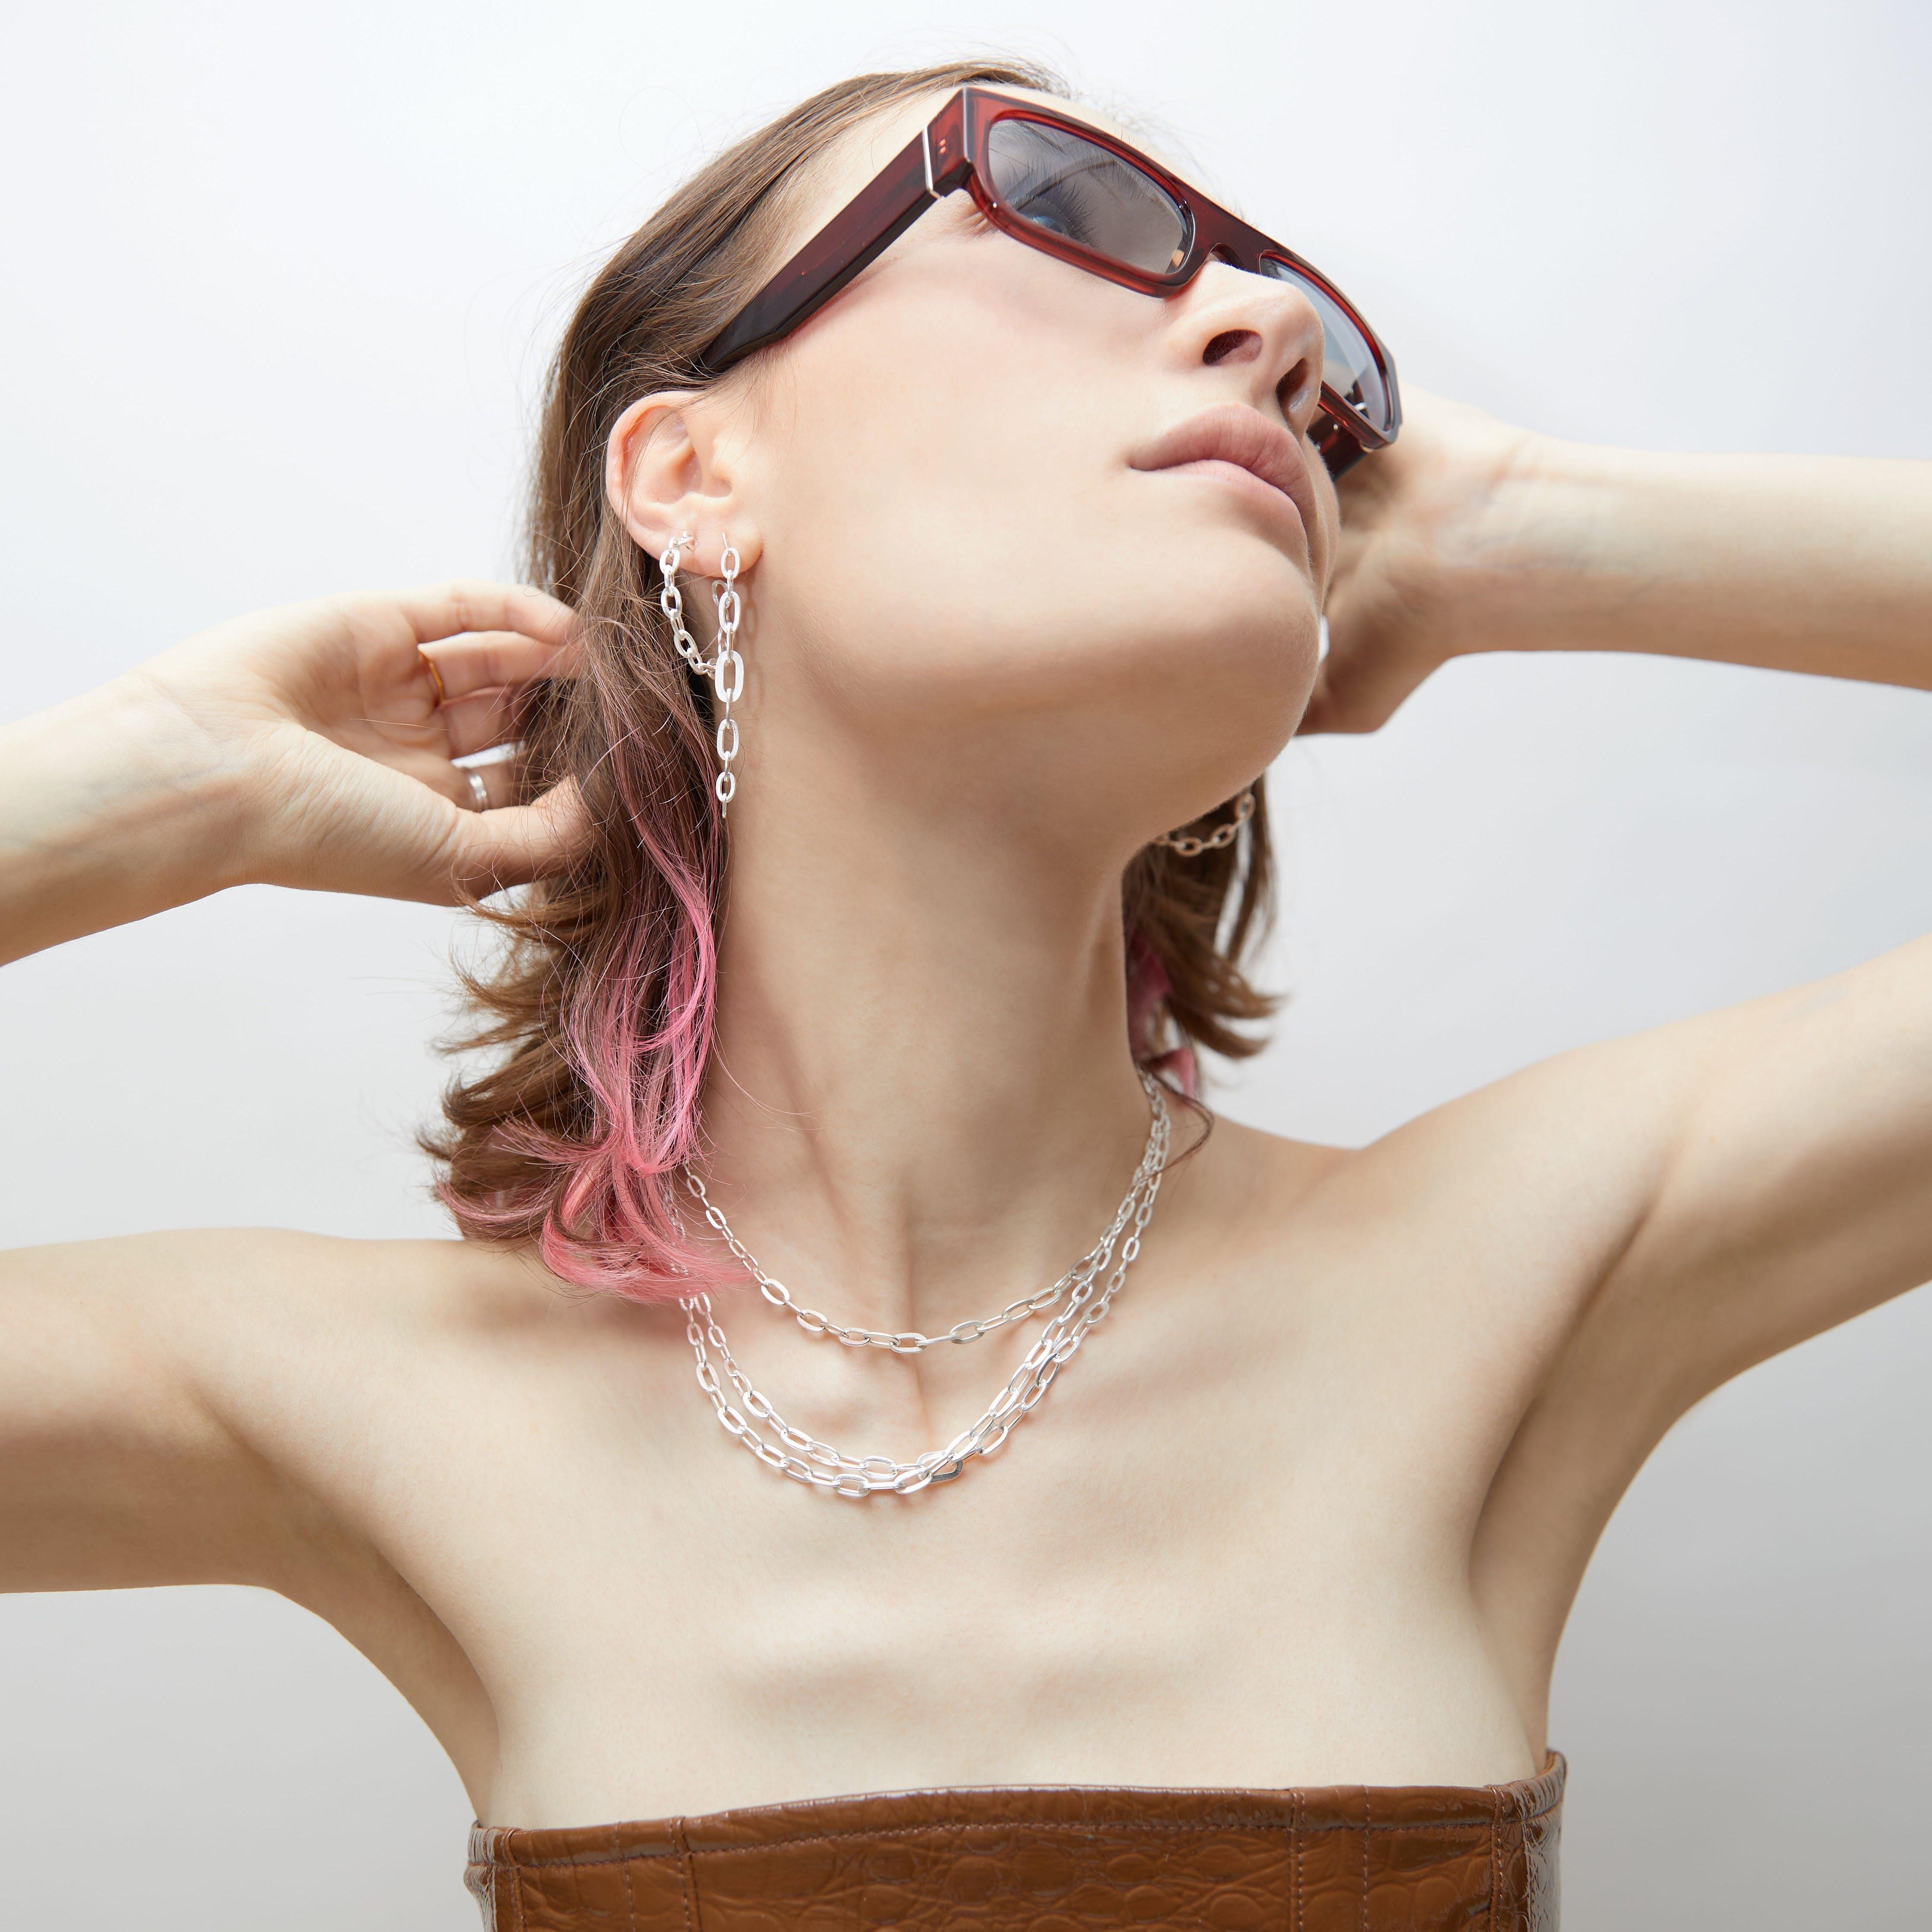 Row Chain Necklace von Jane Kønig in Vergoldet-Silber Sterling 925